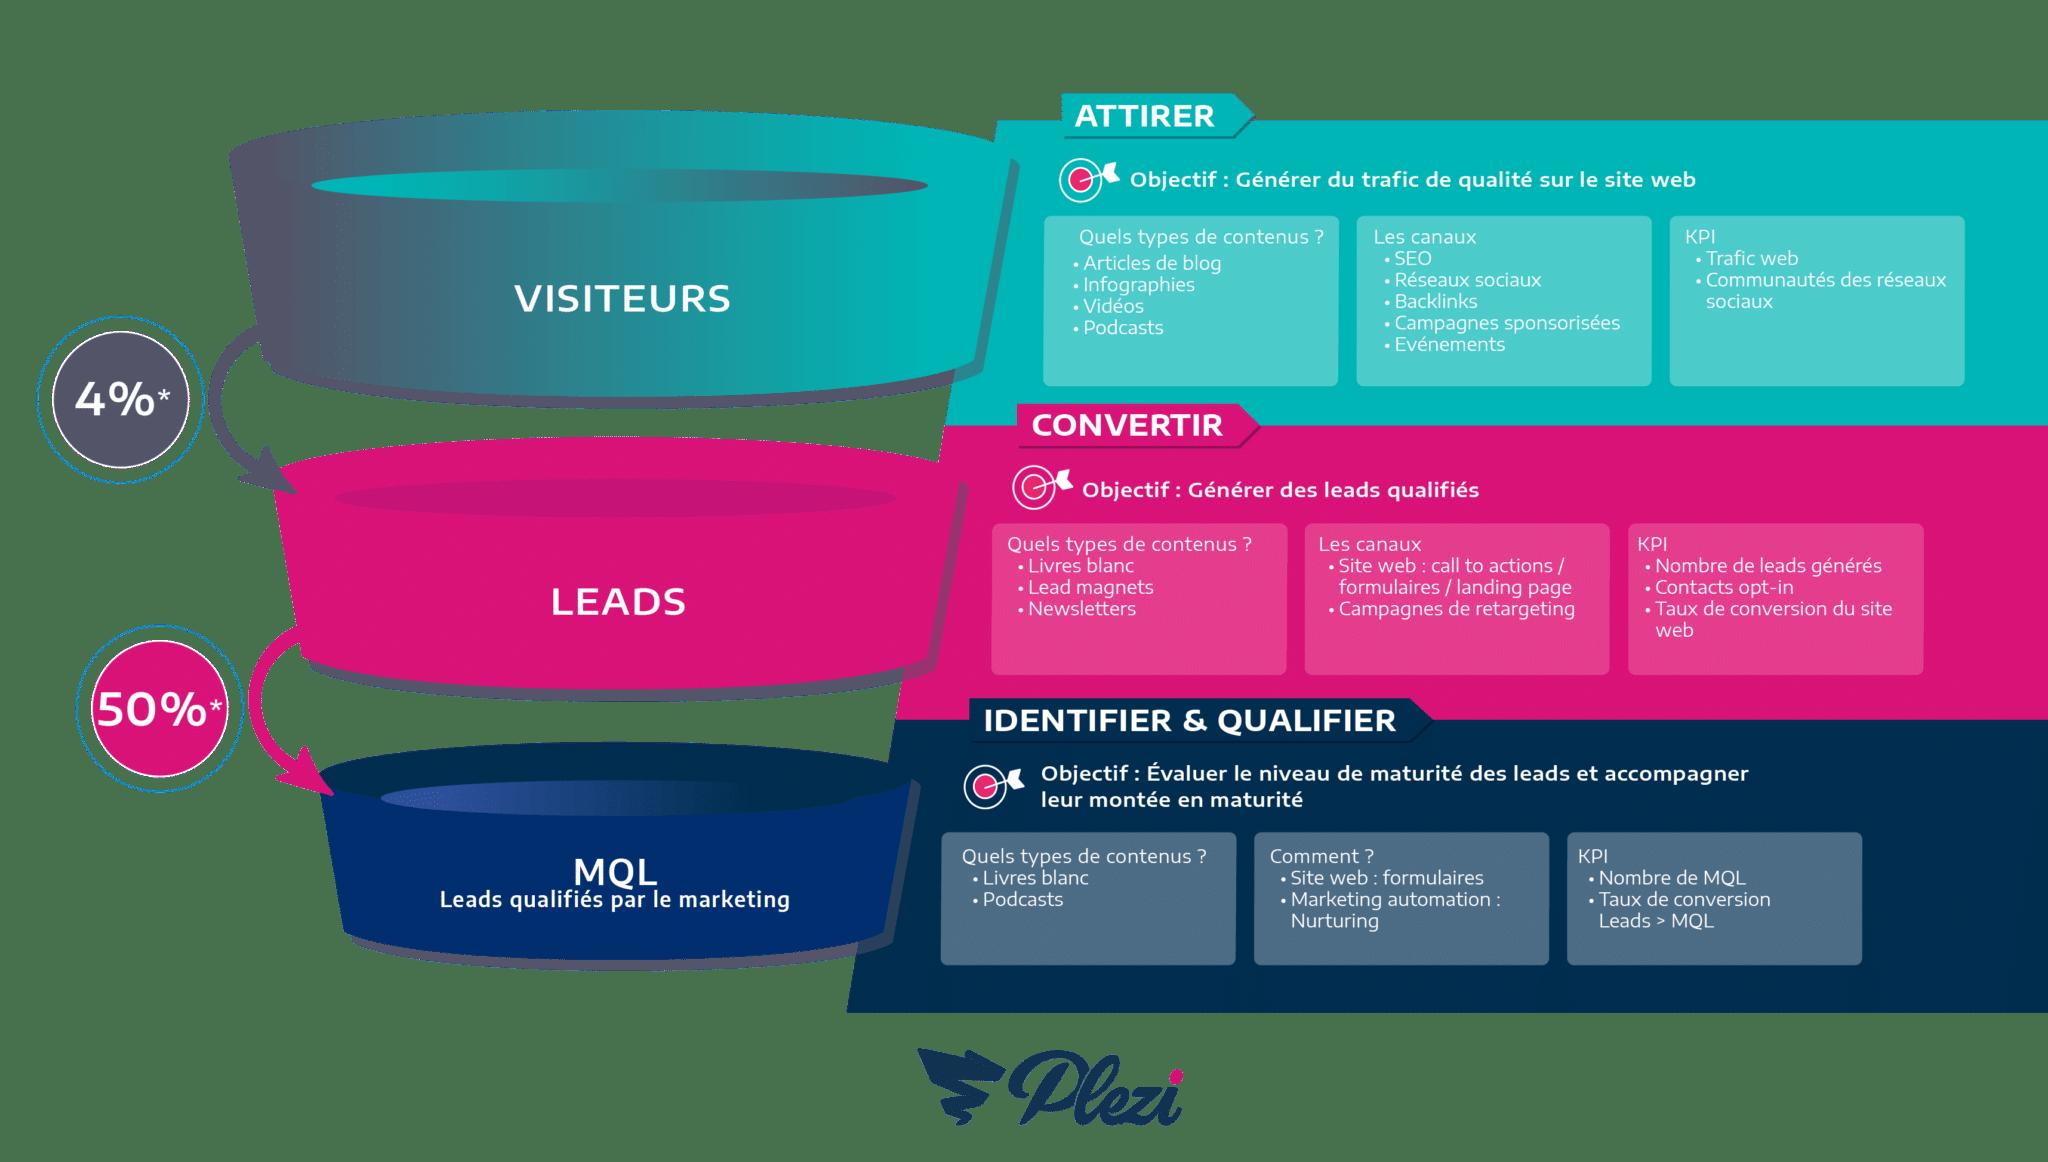 infographie expliquant la place du mql dans les différentes étapes du funnel marketing b2b